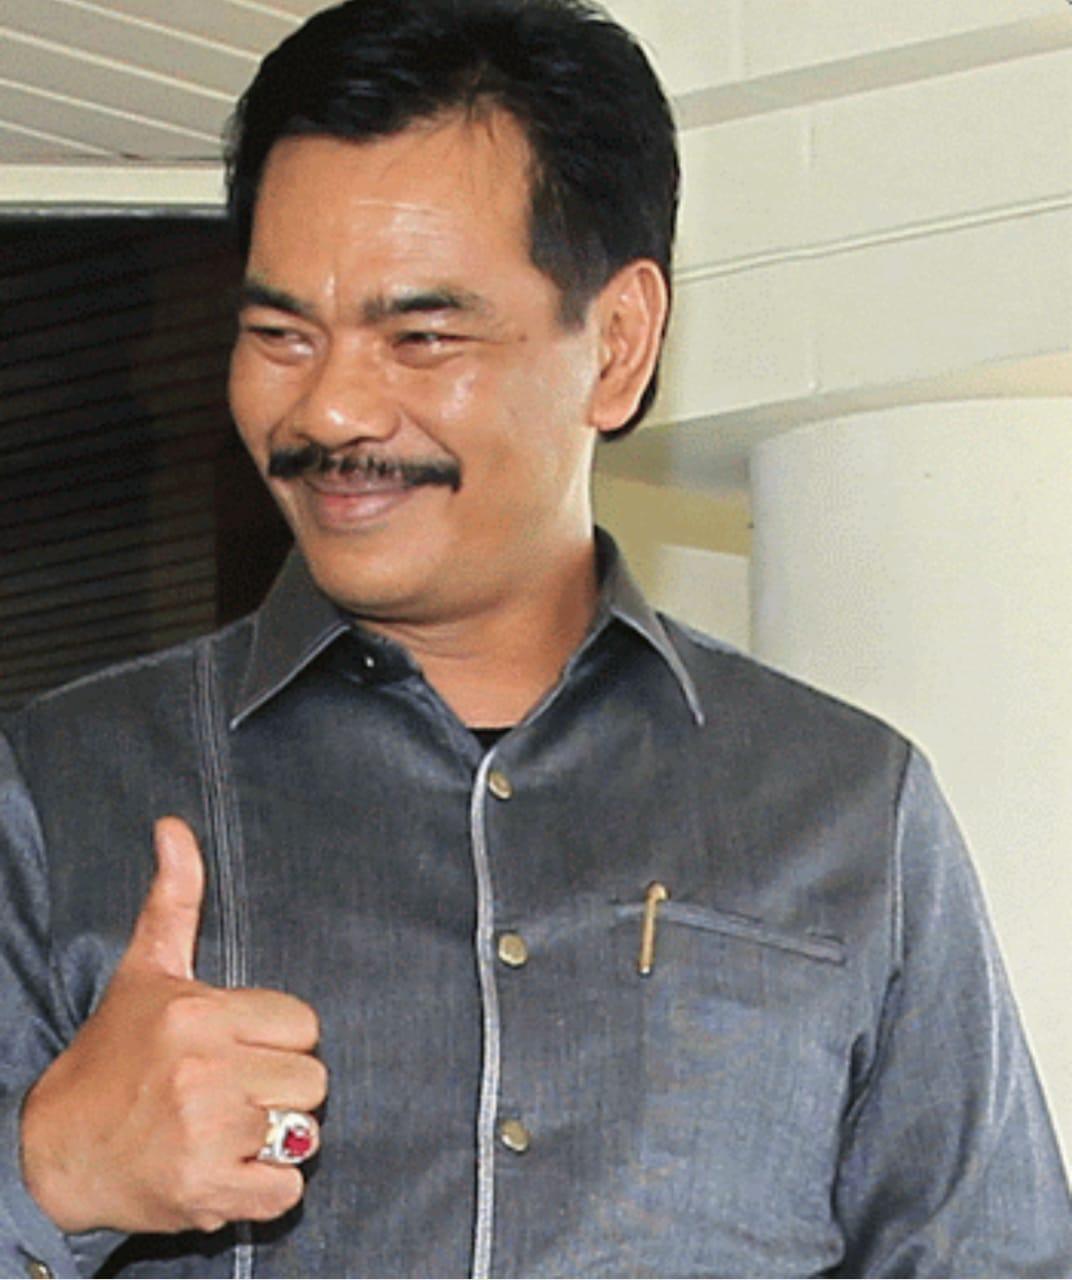 Photo of Surya Respationo Optimis bisa membawa Kepri kedepan lebih maju.